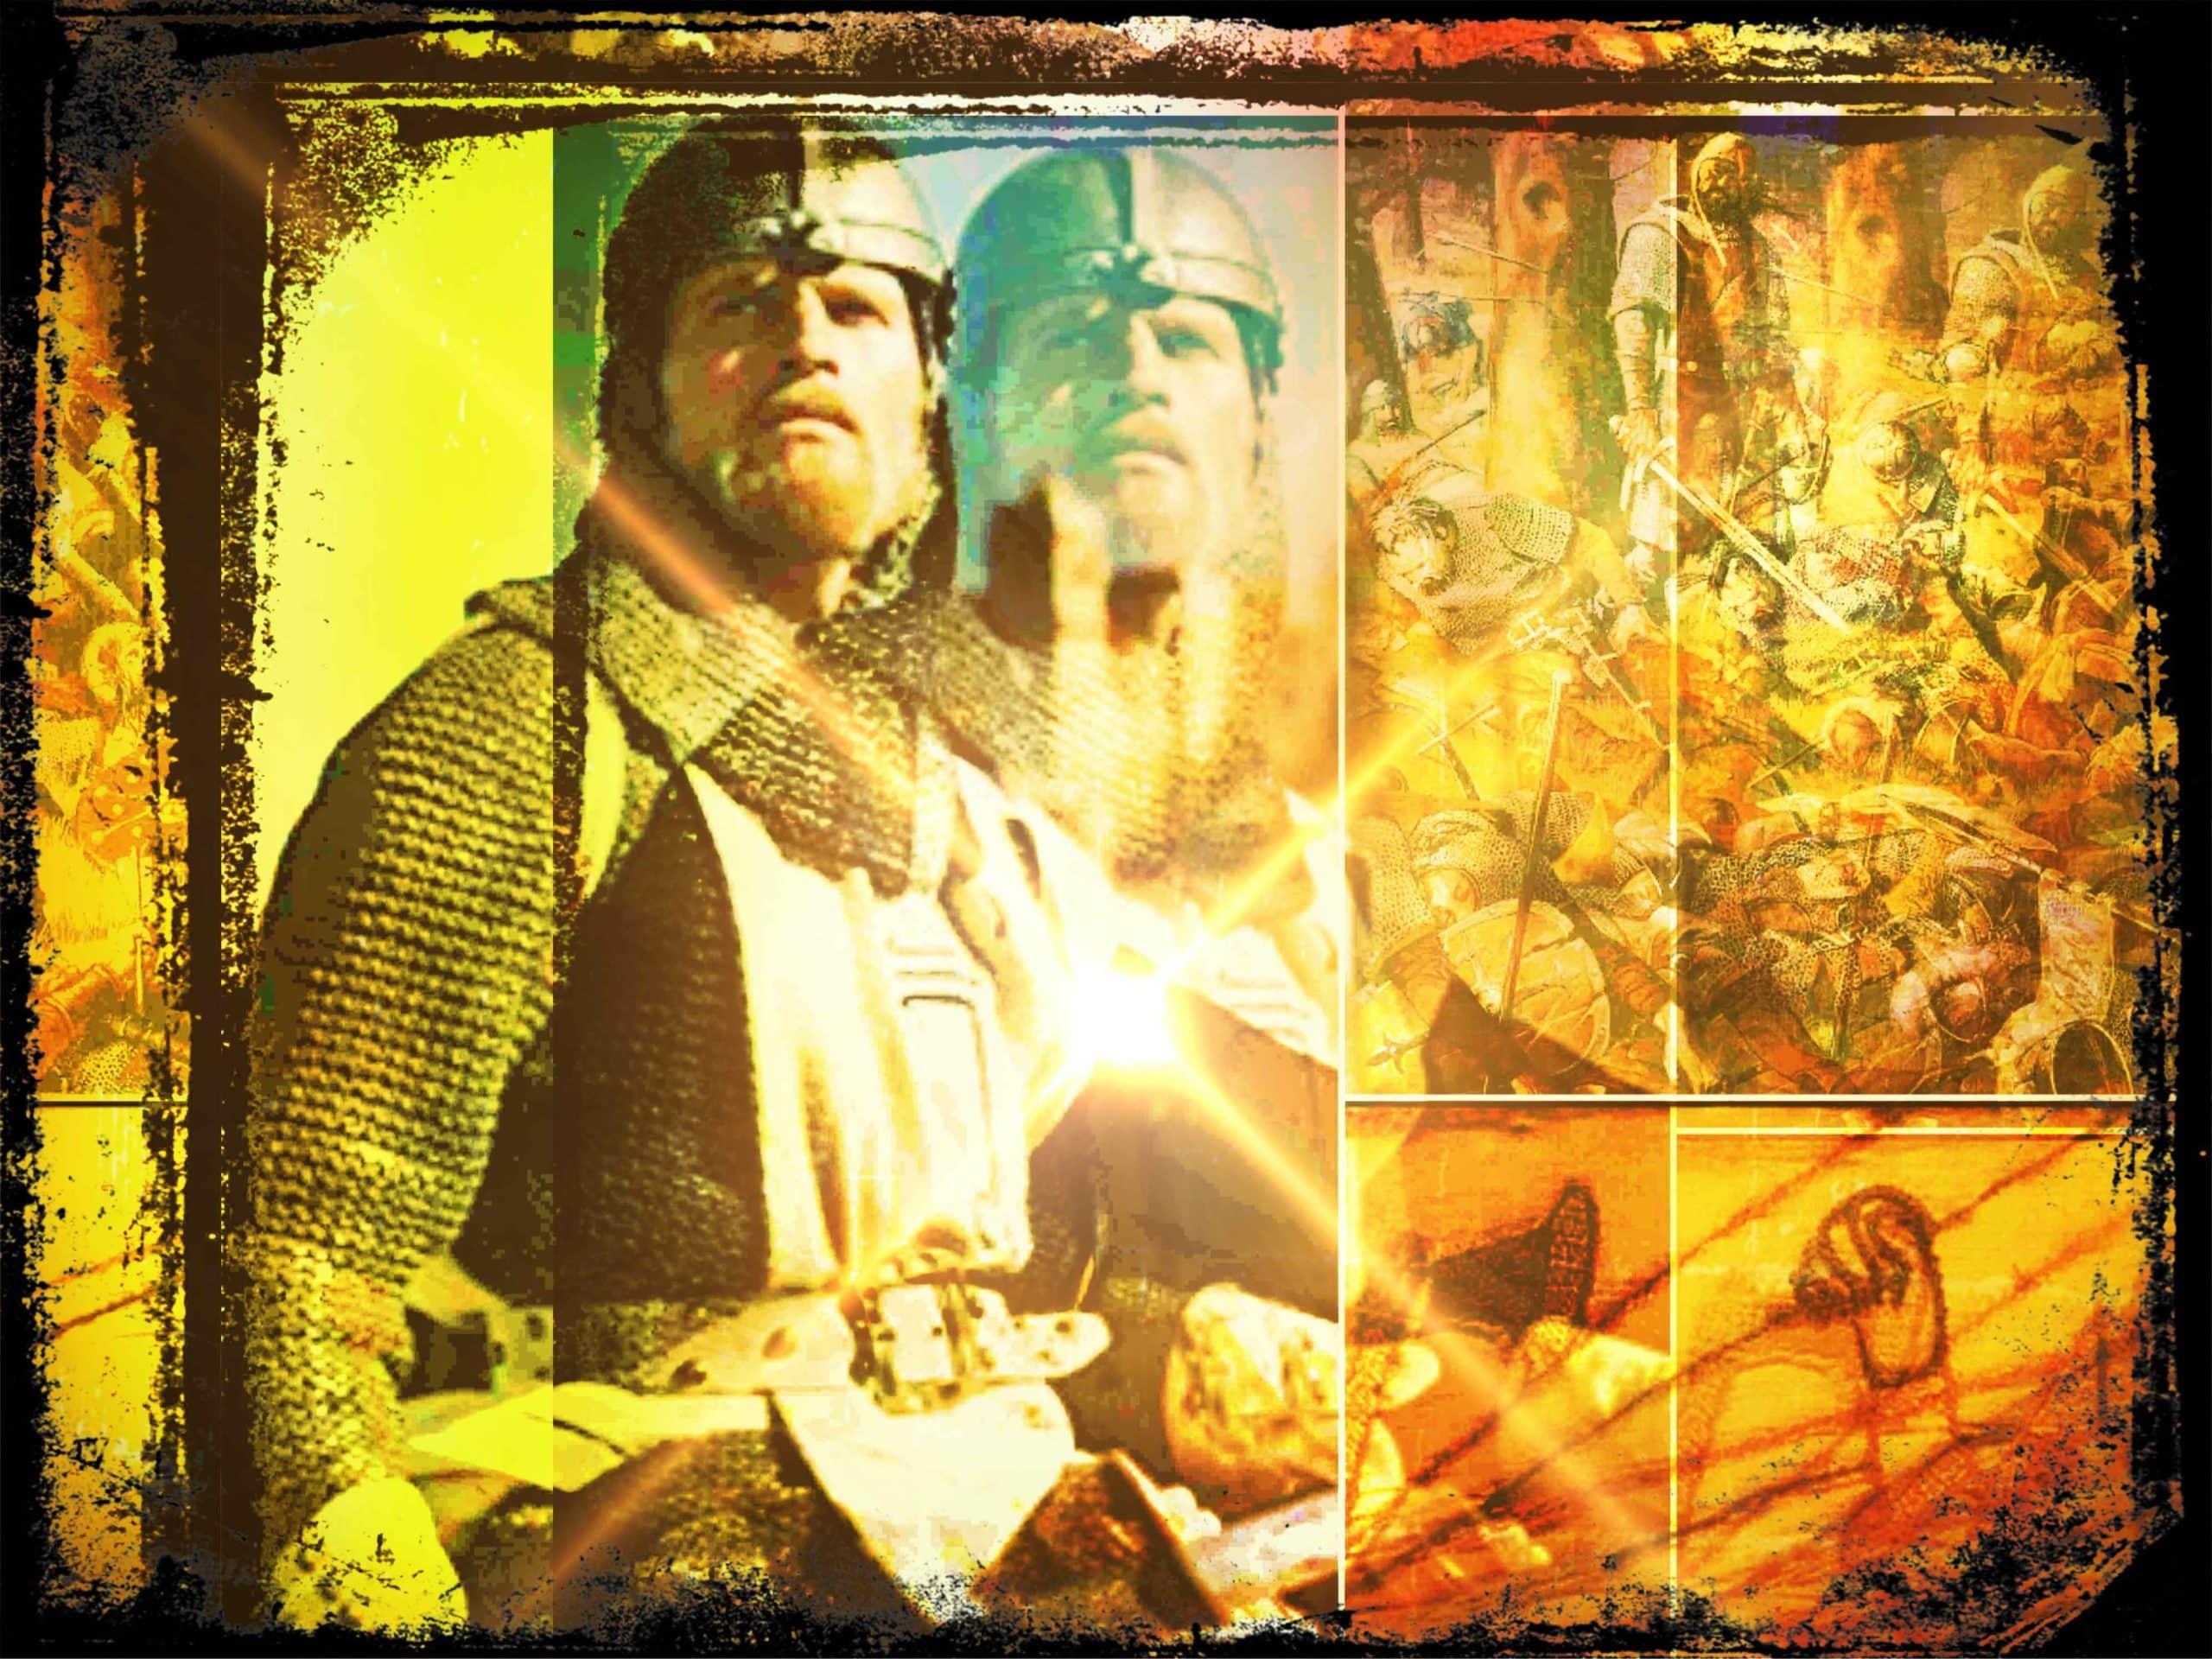 ¿Por qué El Cid fue tan leal a su Rey?